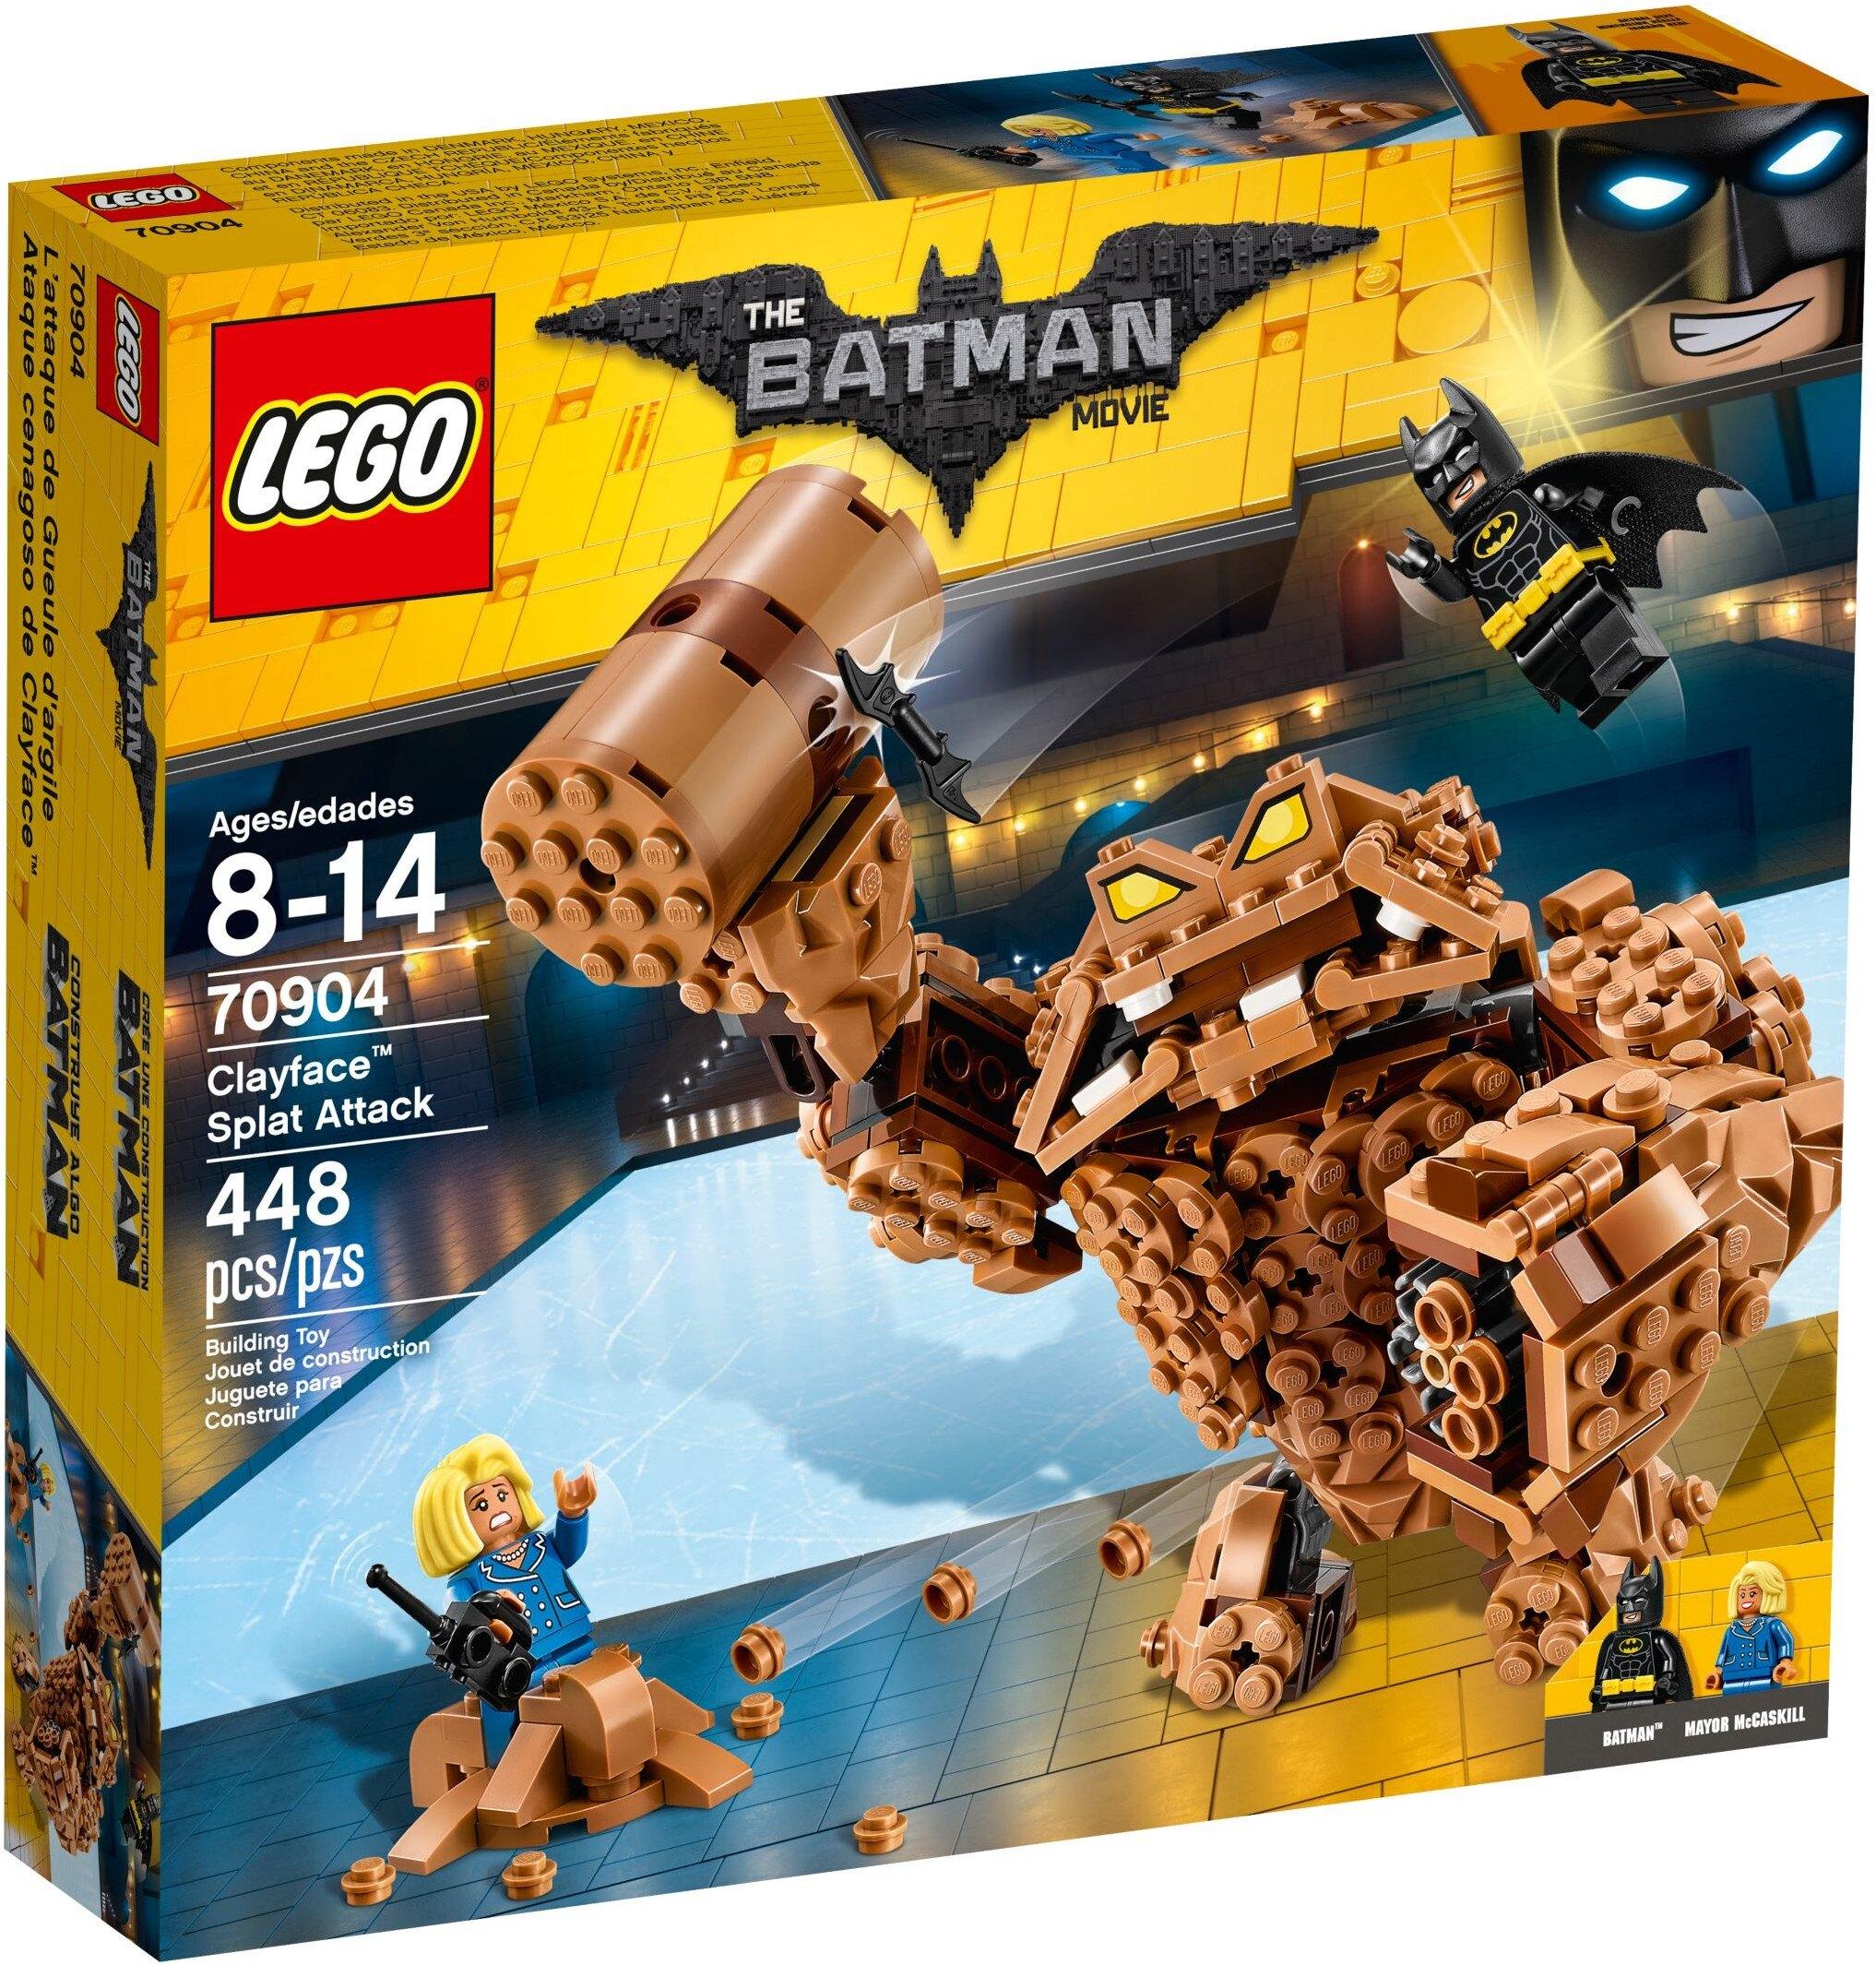 ☆勳寶玩具舖【現貨】LEGO 樂高 蝙蝠俠電影 70904 泥人猛擊 Clayface Splat Attack